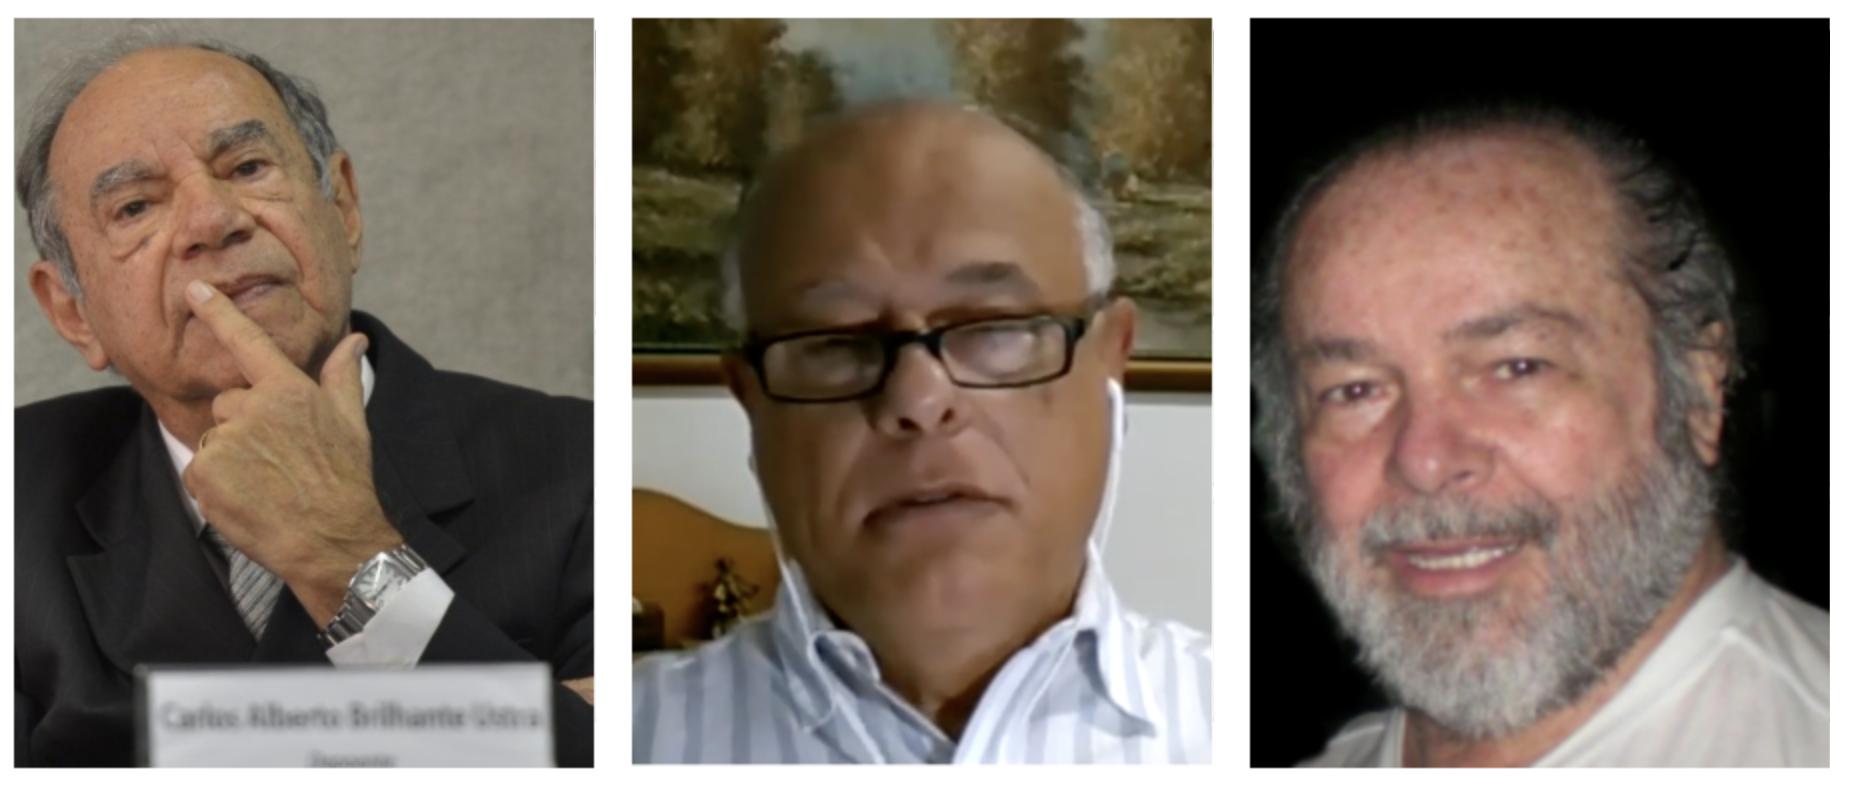 Promotor Eduardo Valério vai à Justiça para transformar local de tortura de herói de Bolsonaro em Museu da Democracia